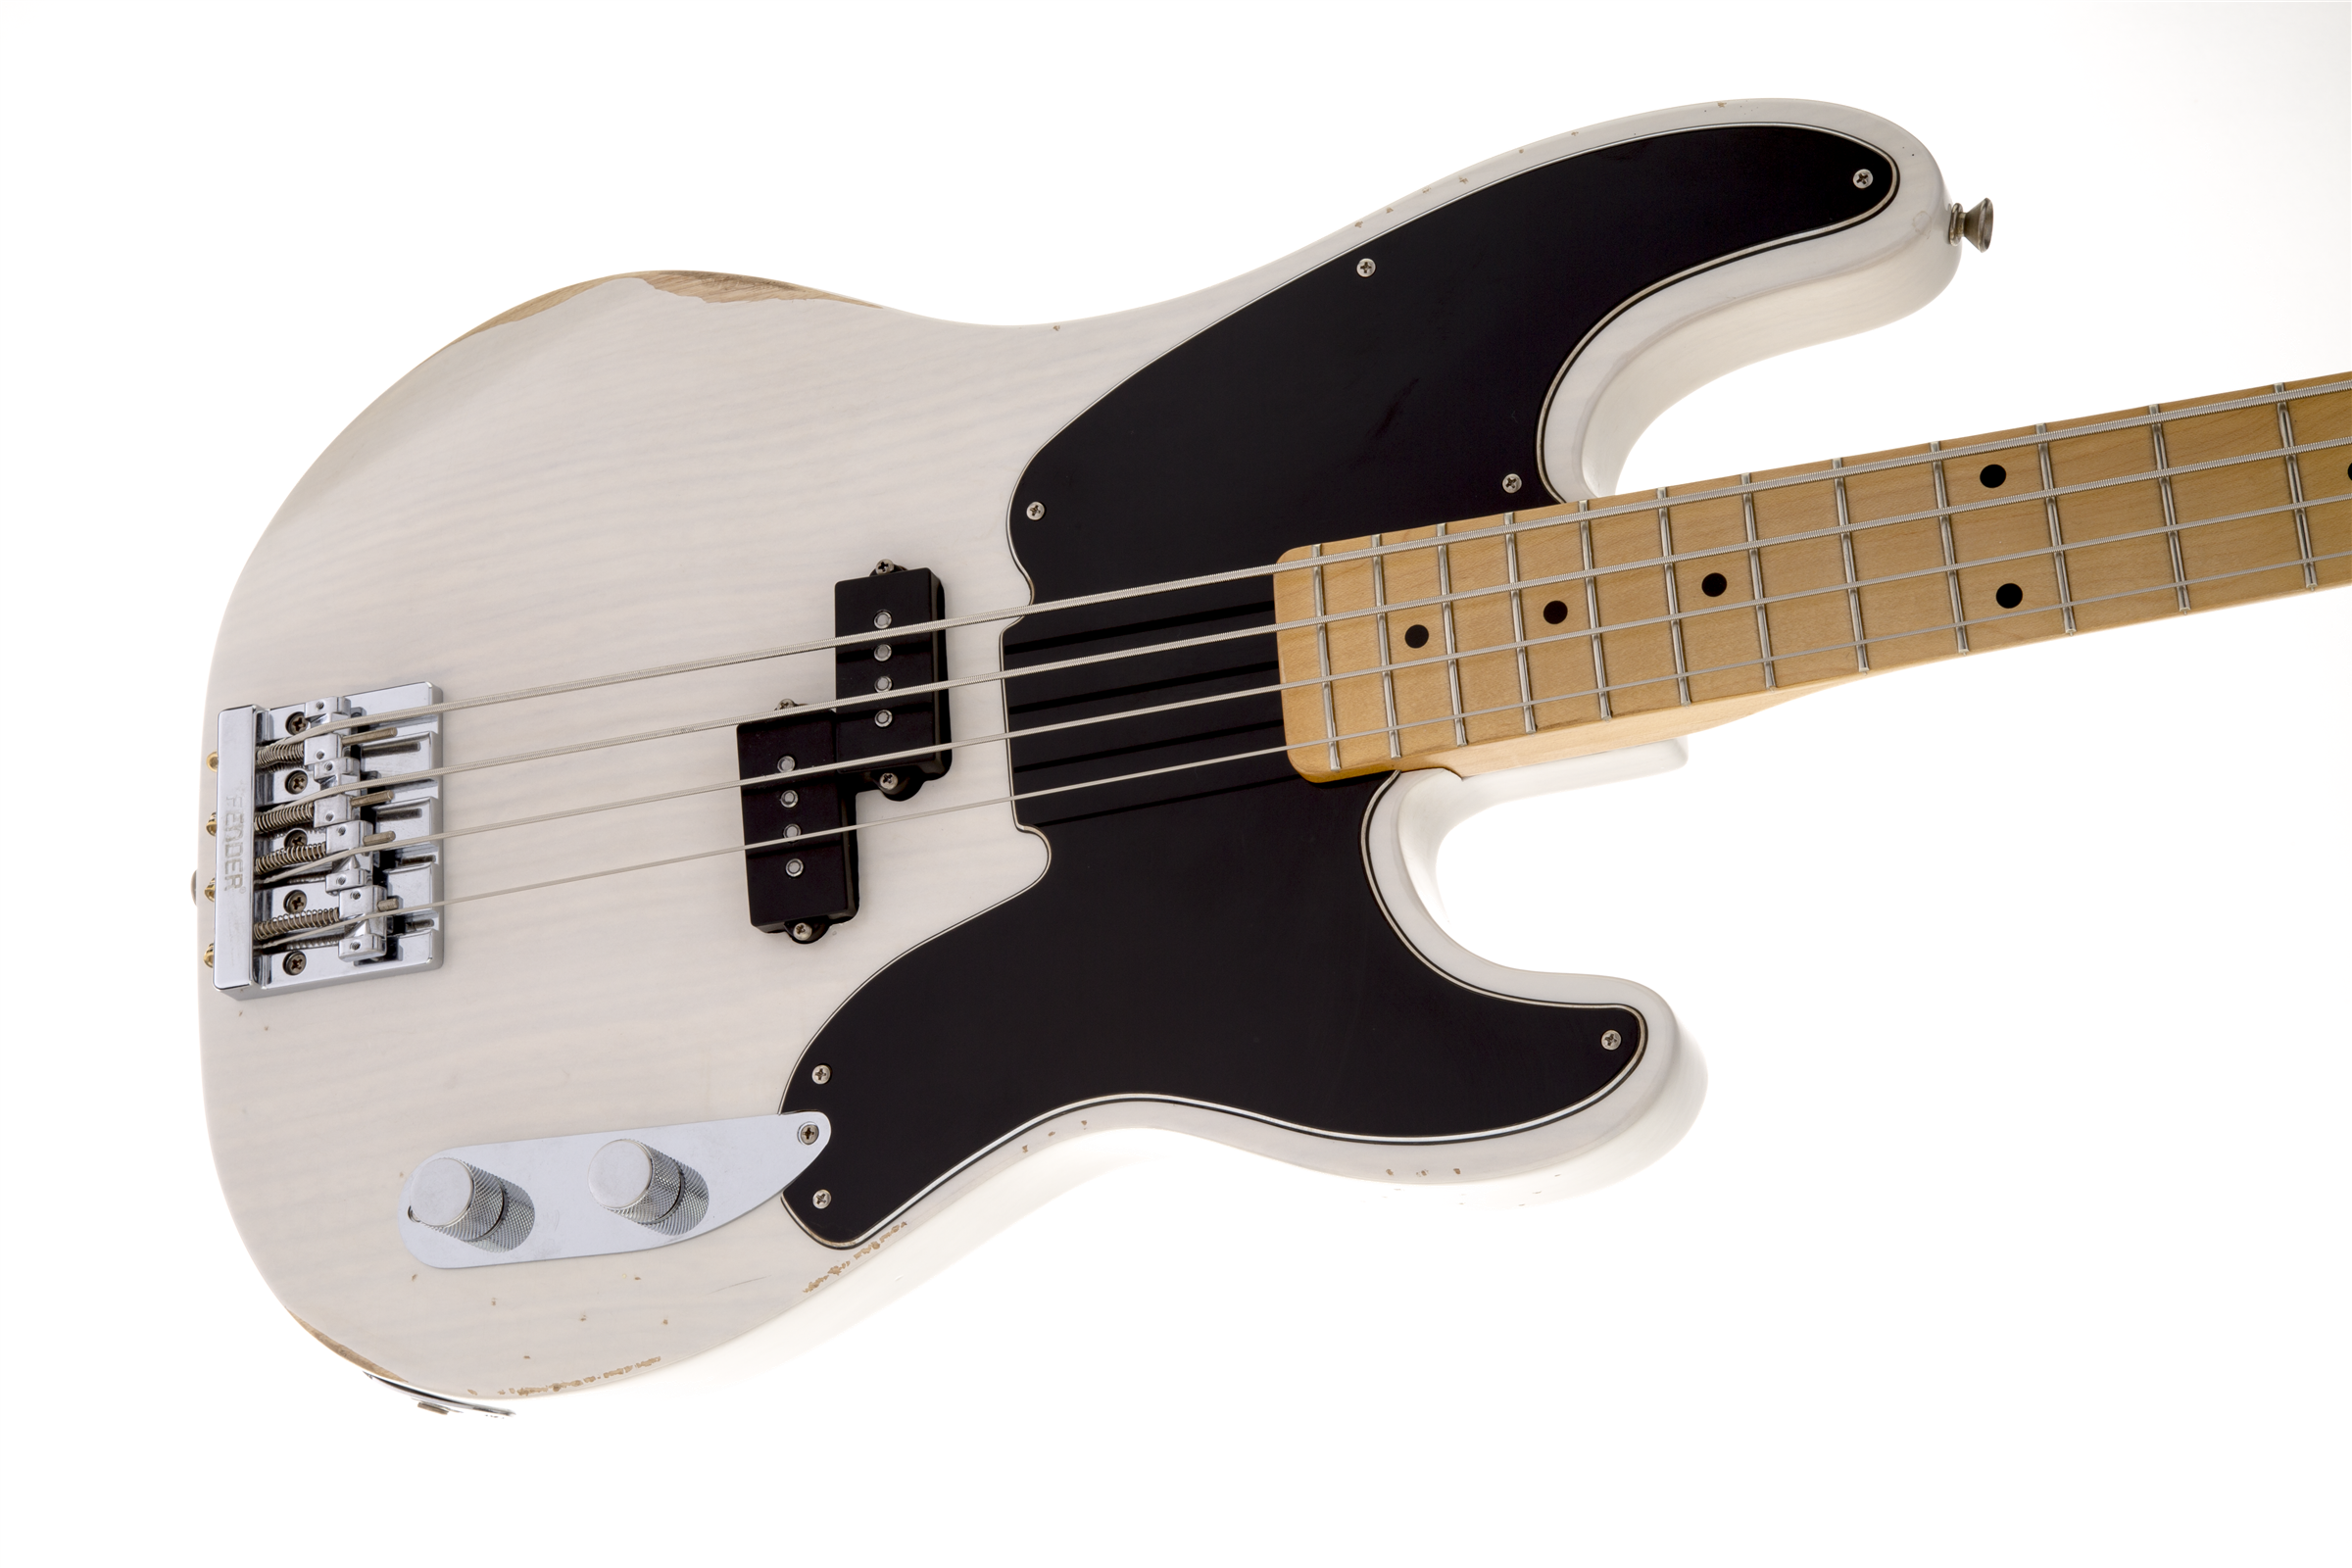 Mike Dirnt Road Worn Precision Bass Fender Bass Guitars Fender Bass Fender Bass Guitar Electric Bass